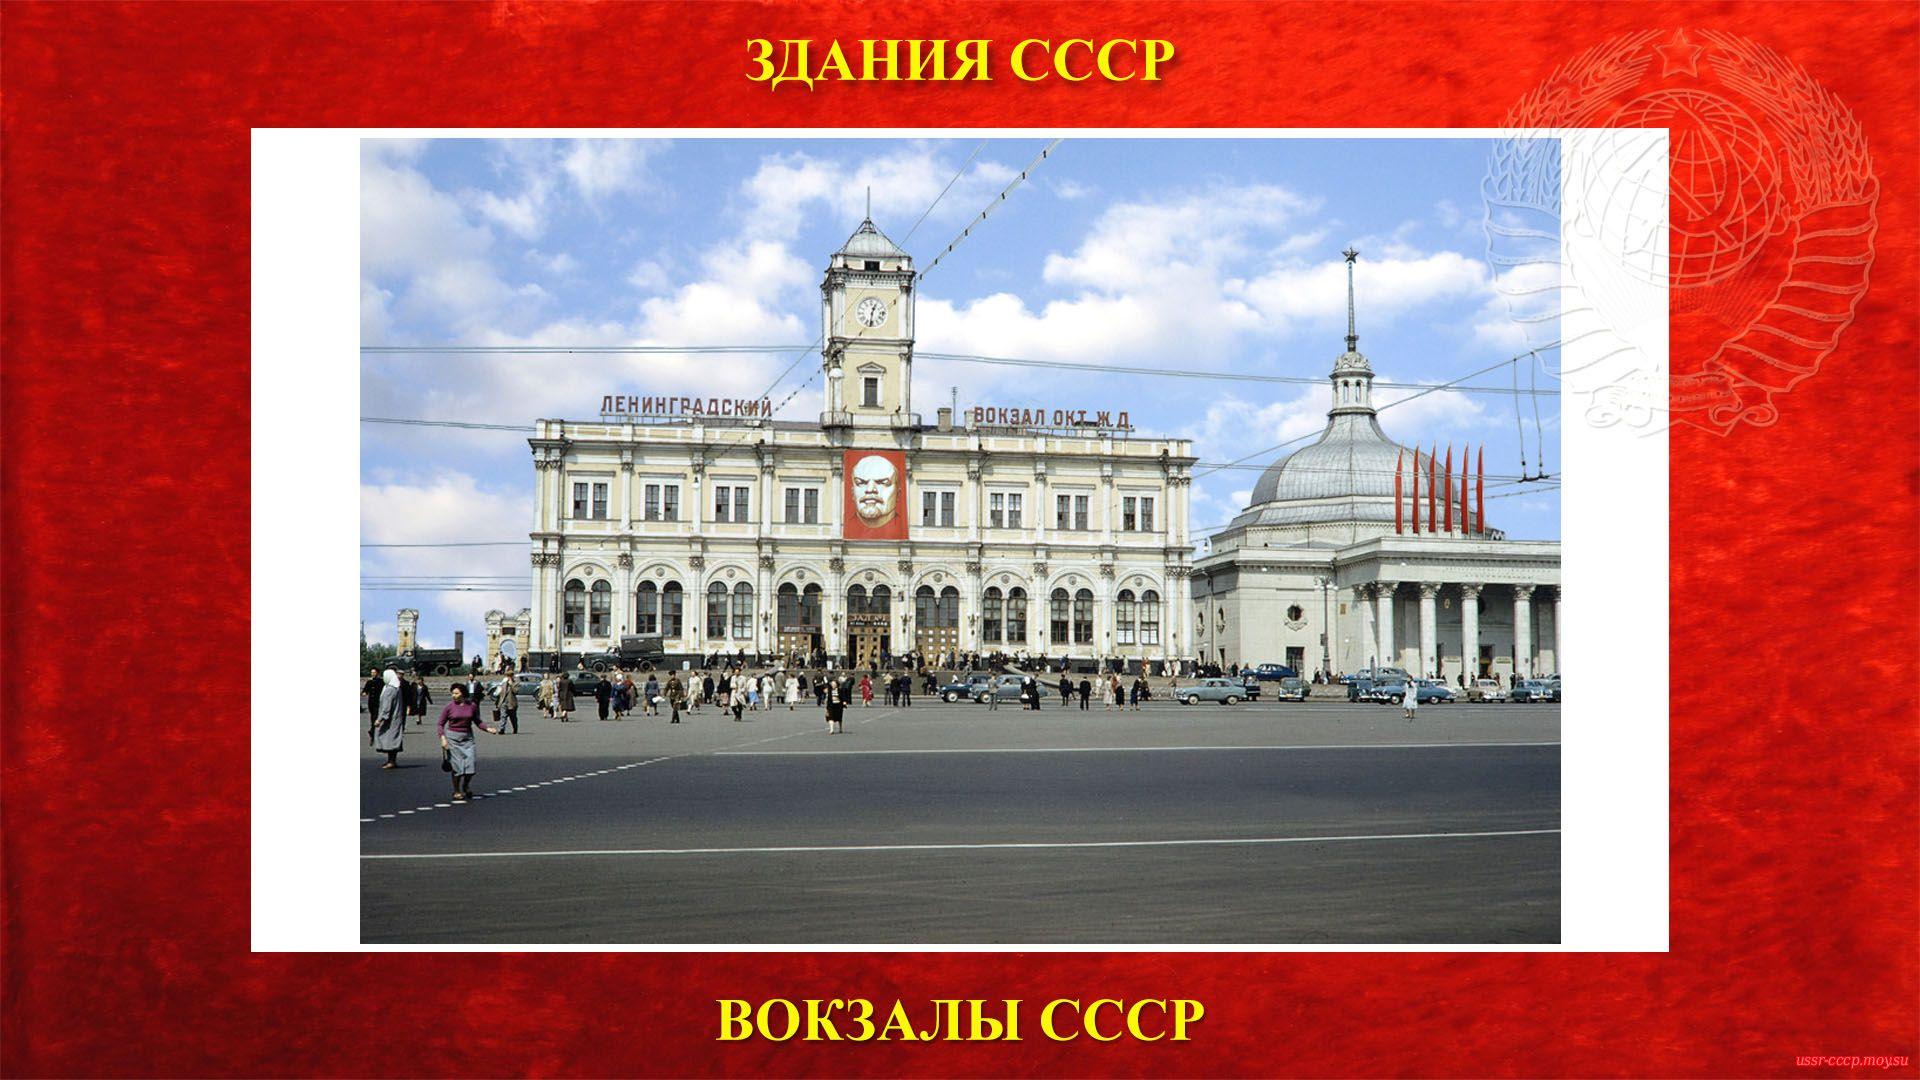 Ленинградский вокзал — Москва (Полное повествование)